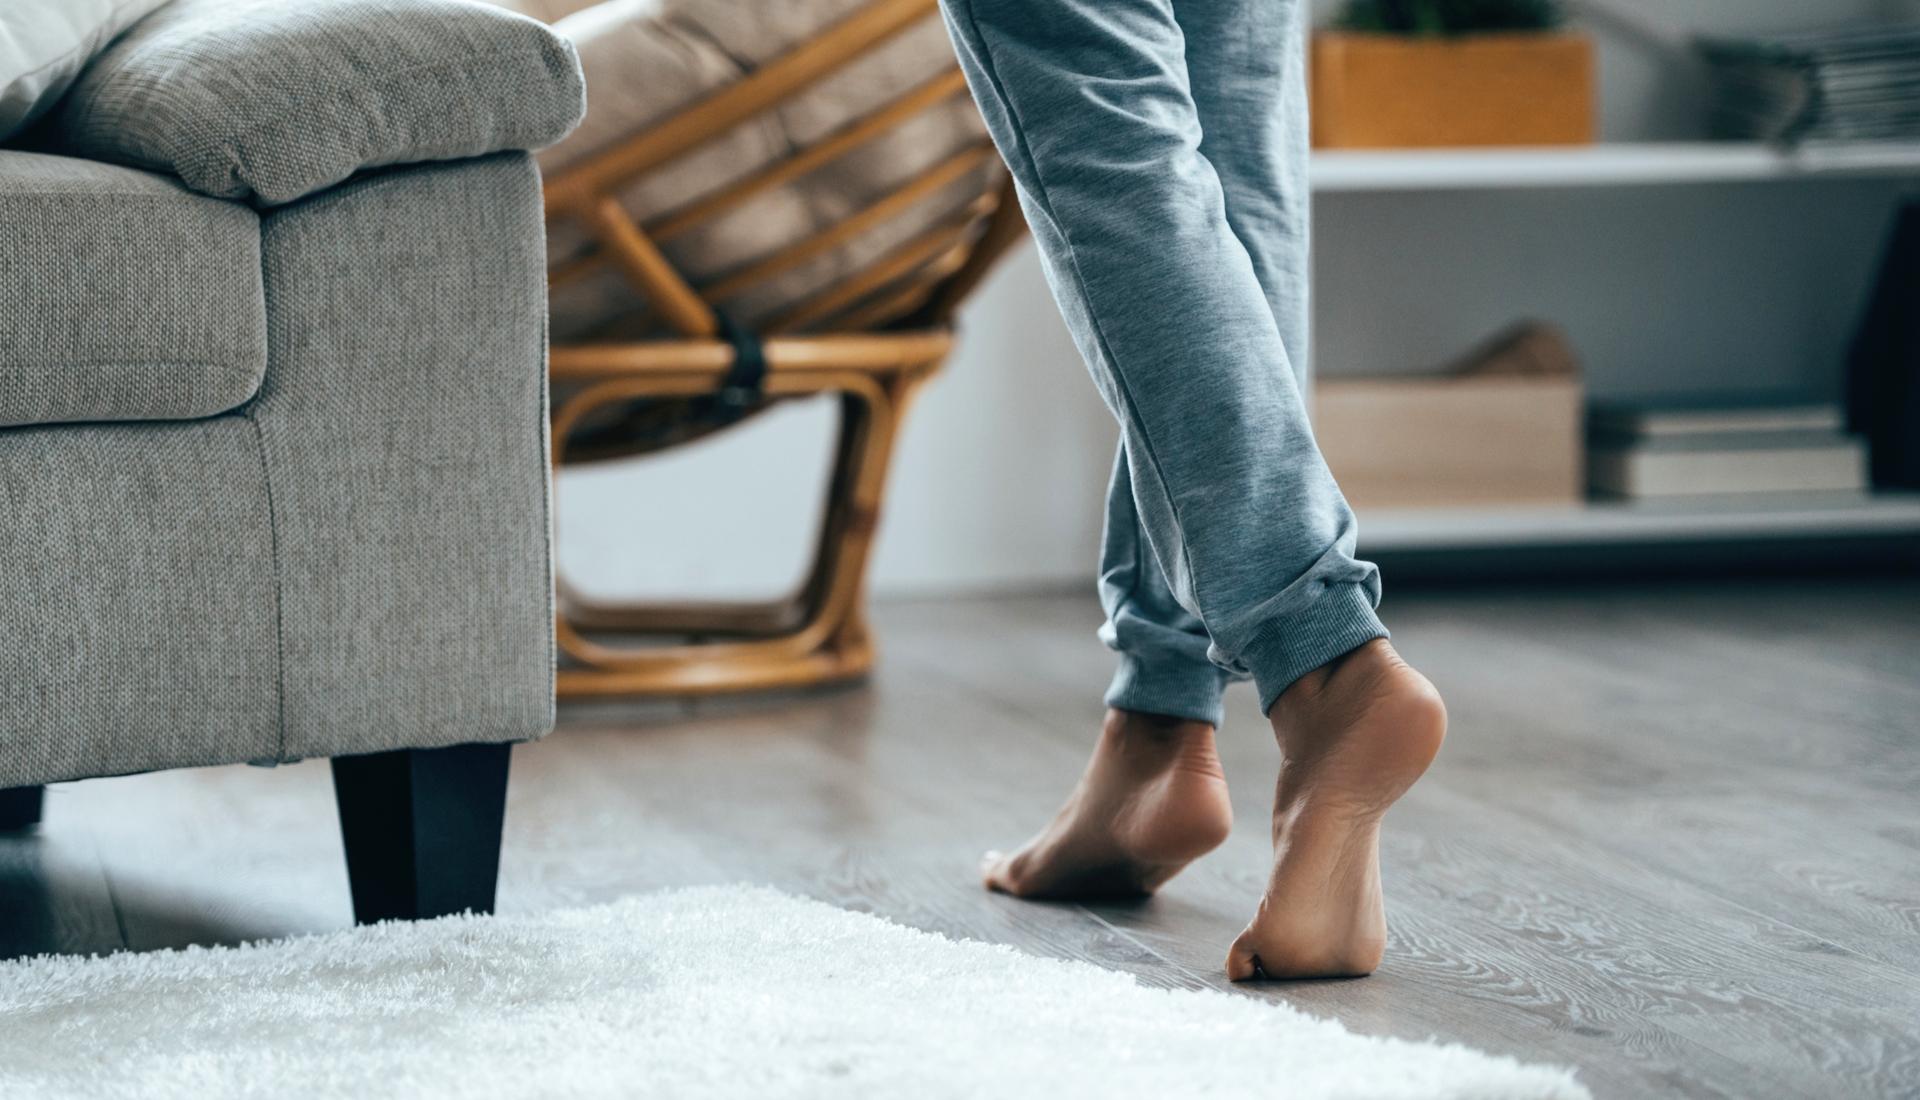 feet on hardwood